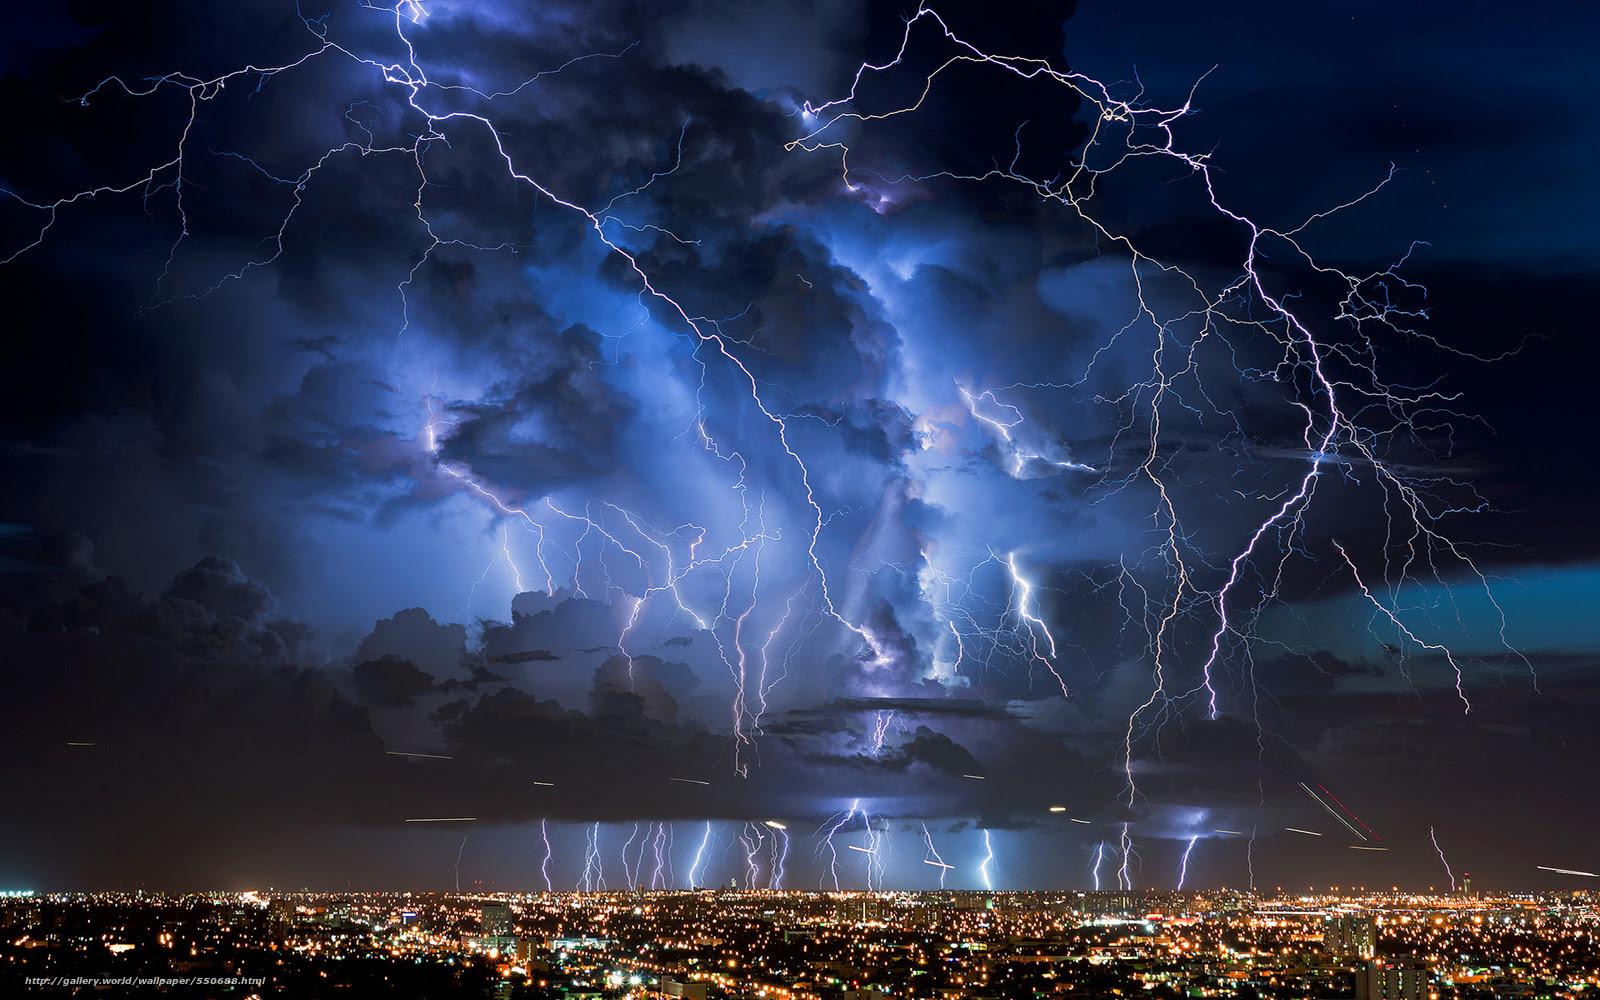 壁紙をダウンロード 嵐 稲妻 都市 デスクトップの解像度のための無料